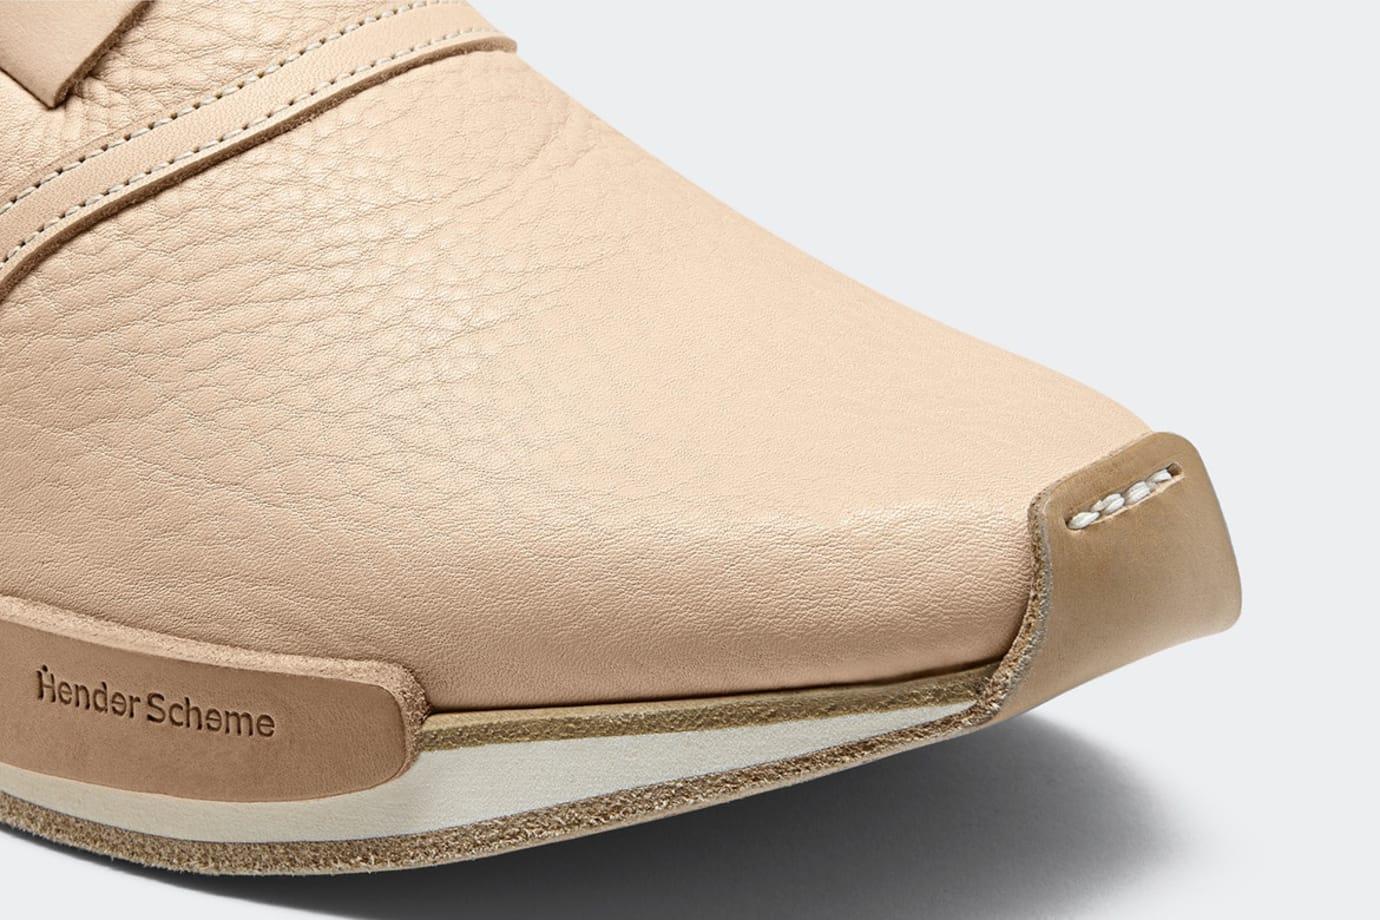 Hender Scheme Adidas NMD Leather